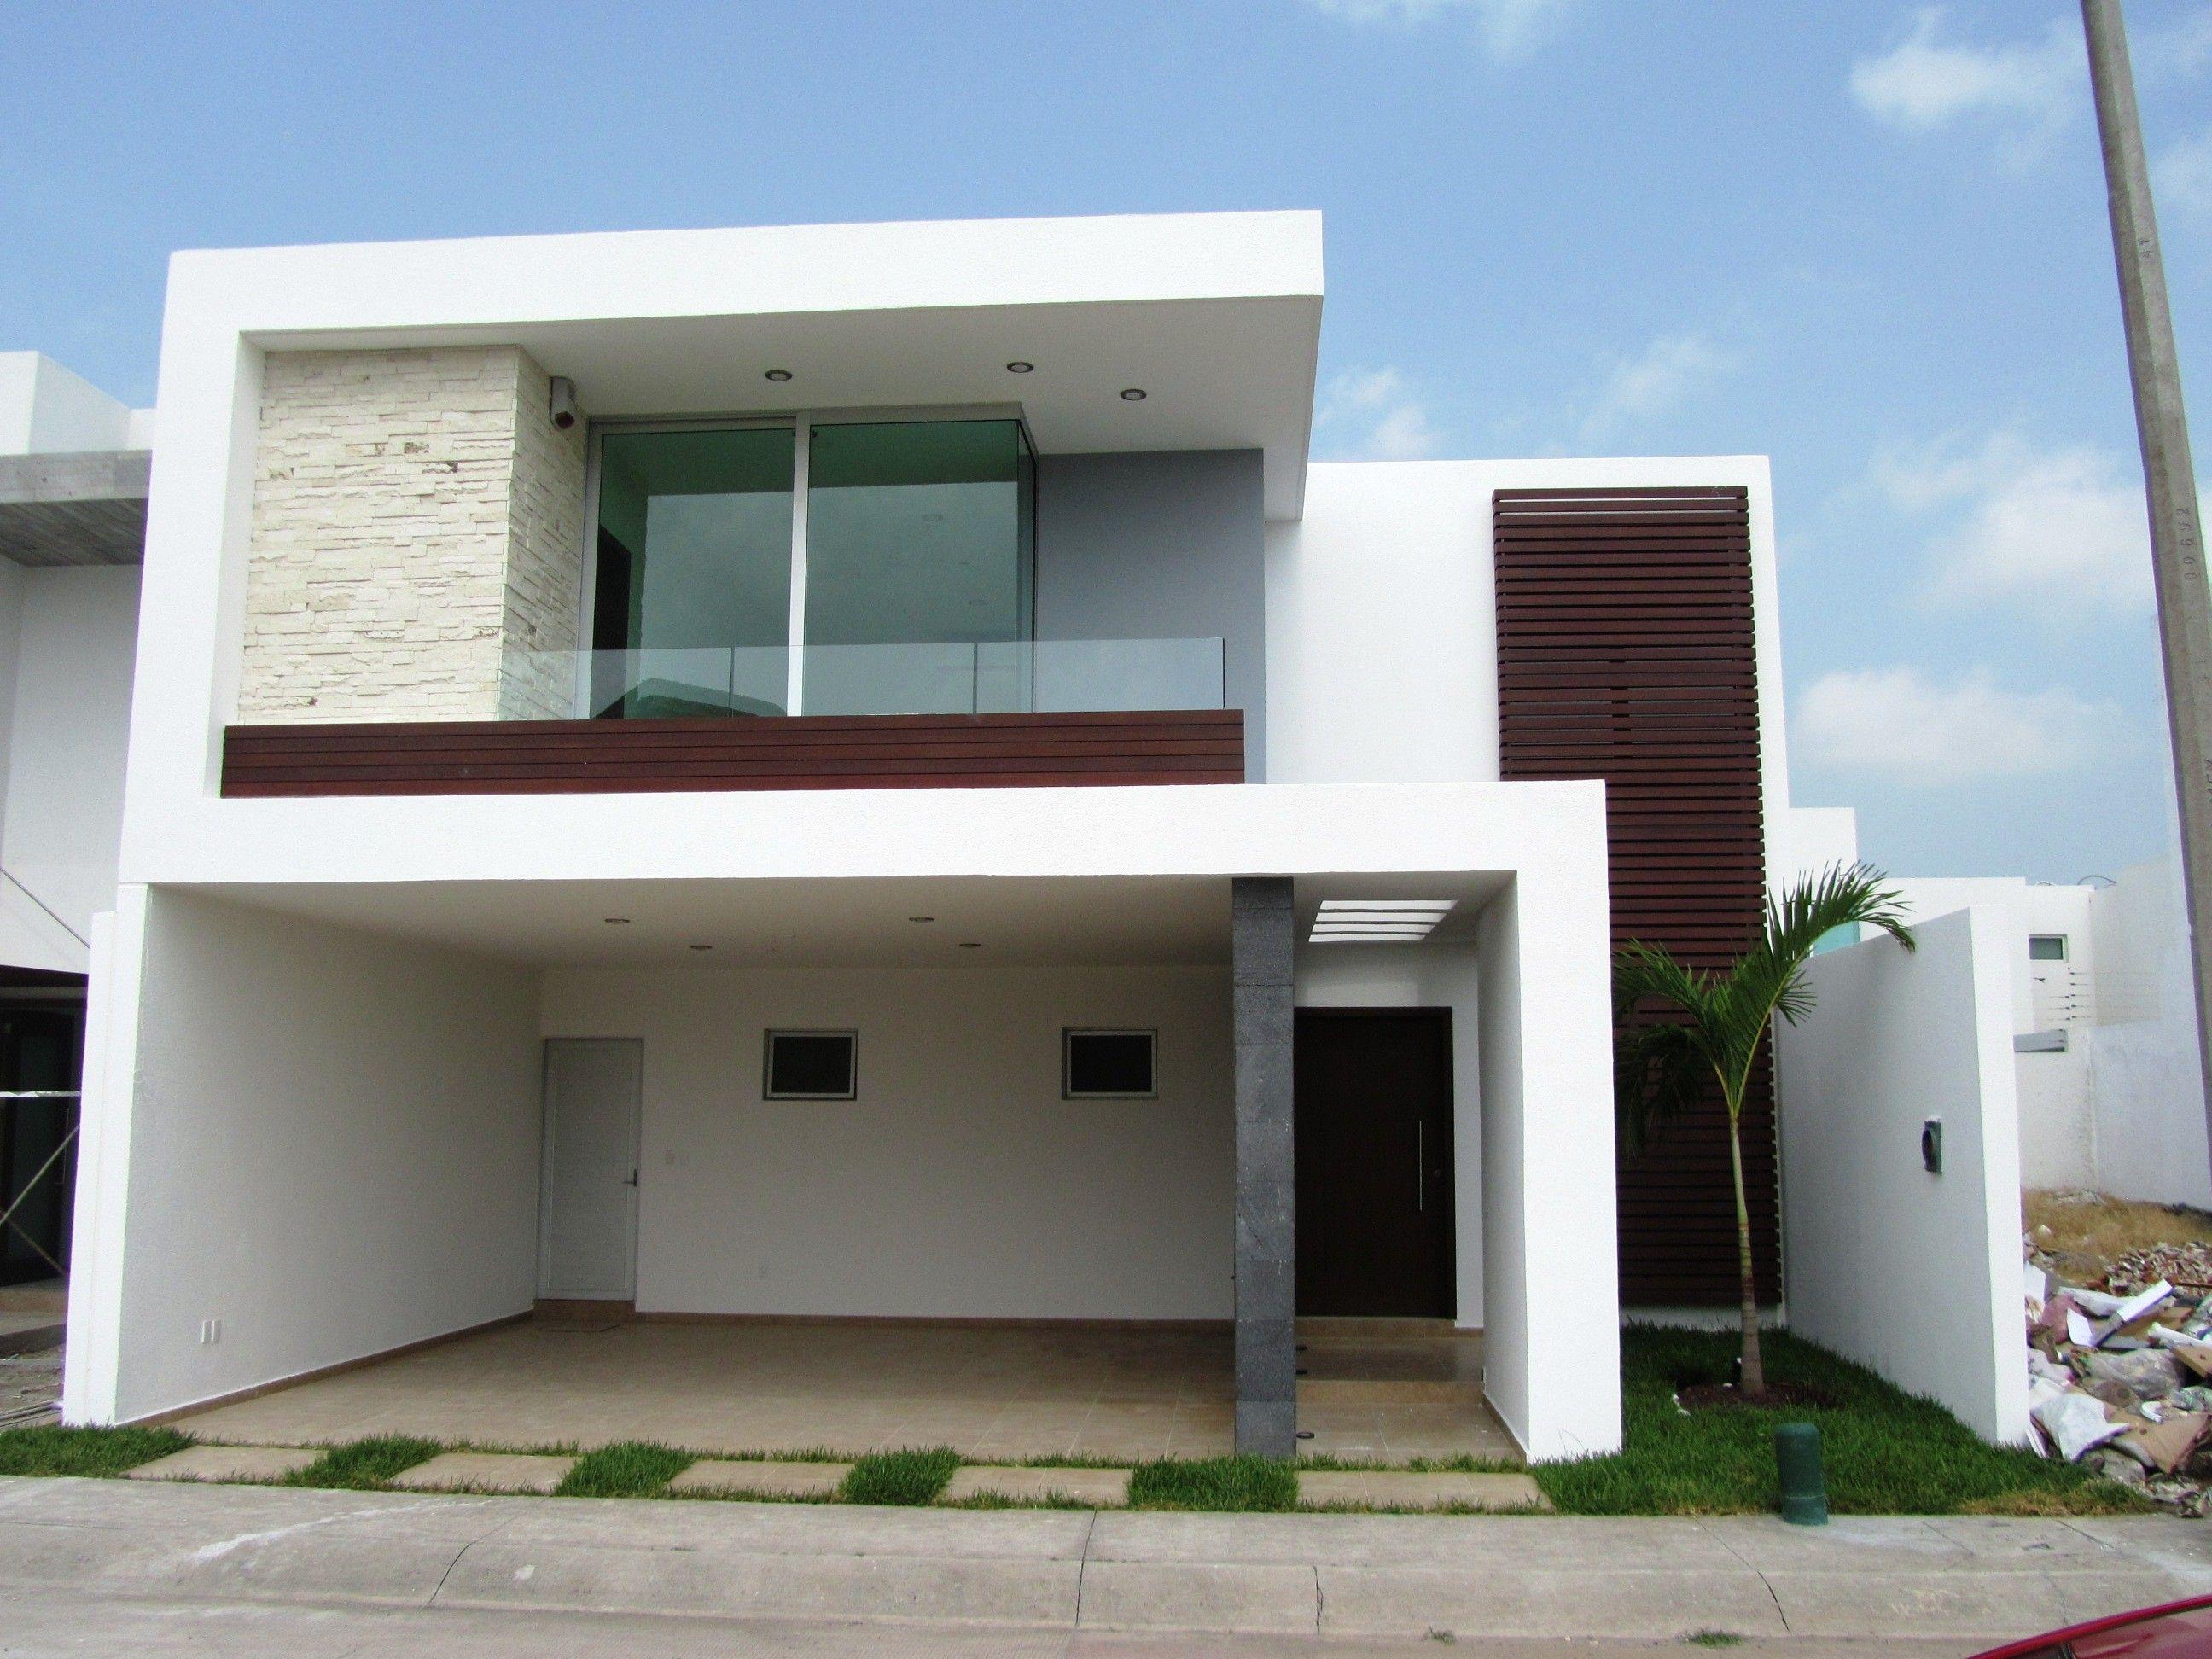 Comprar una casa mi apartamento ampliaciones de casas for Remodelacion de casas pequenas